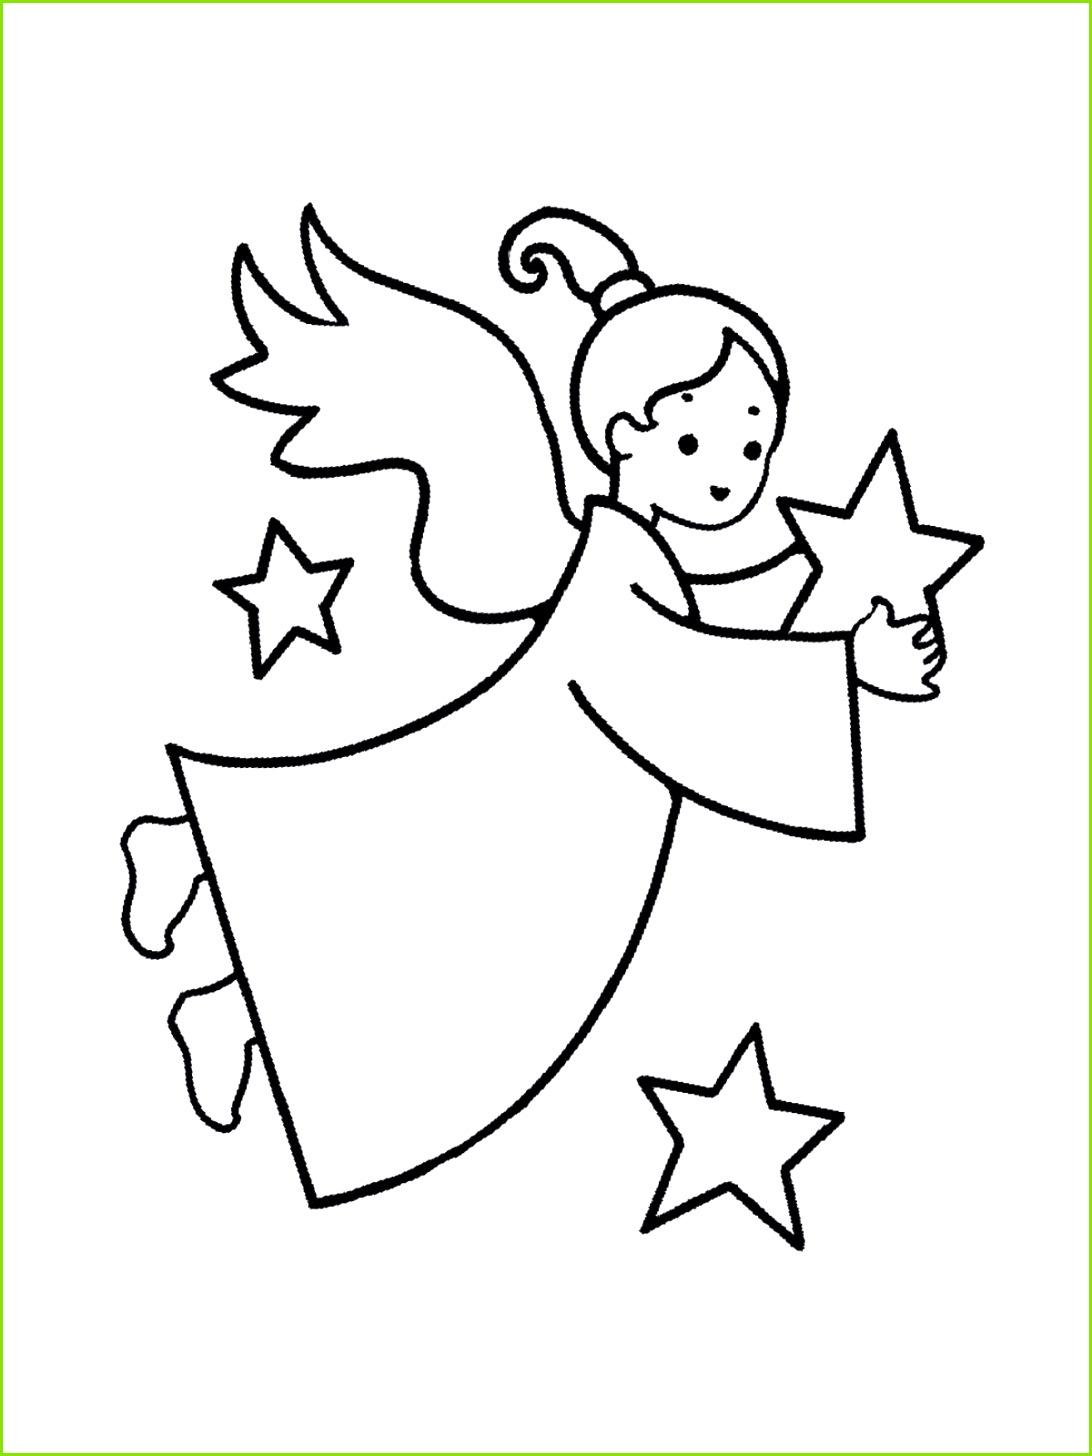 Engel Bilder Zum Ausdrucken Kostenlos Unique Image Engel Vorlagen Zum Ausdrucken Kostenlos